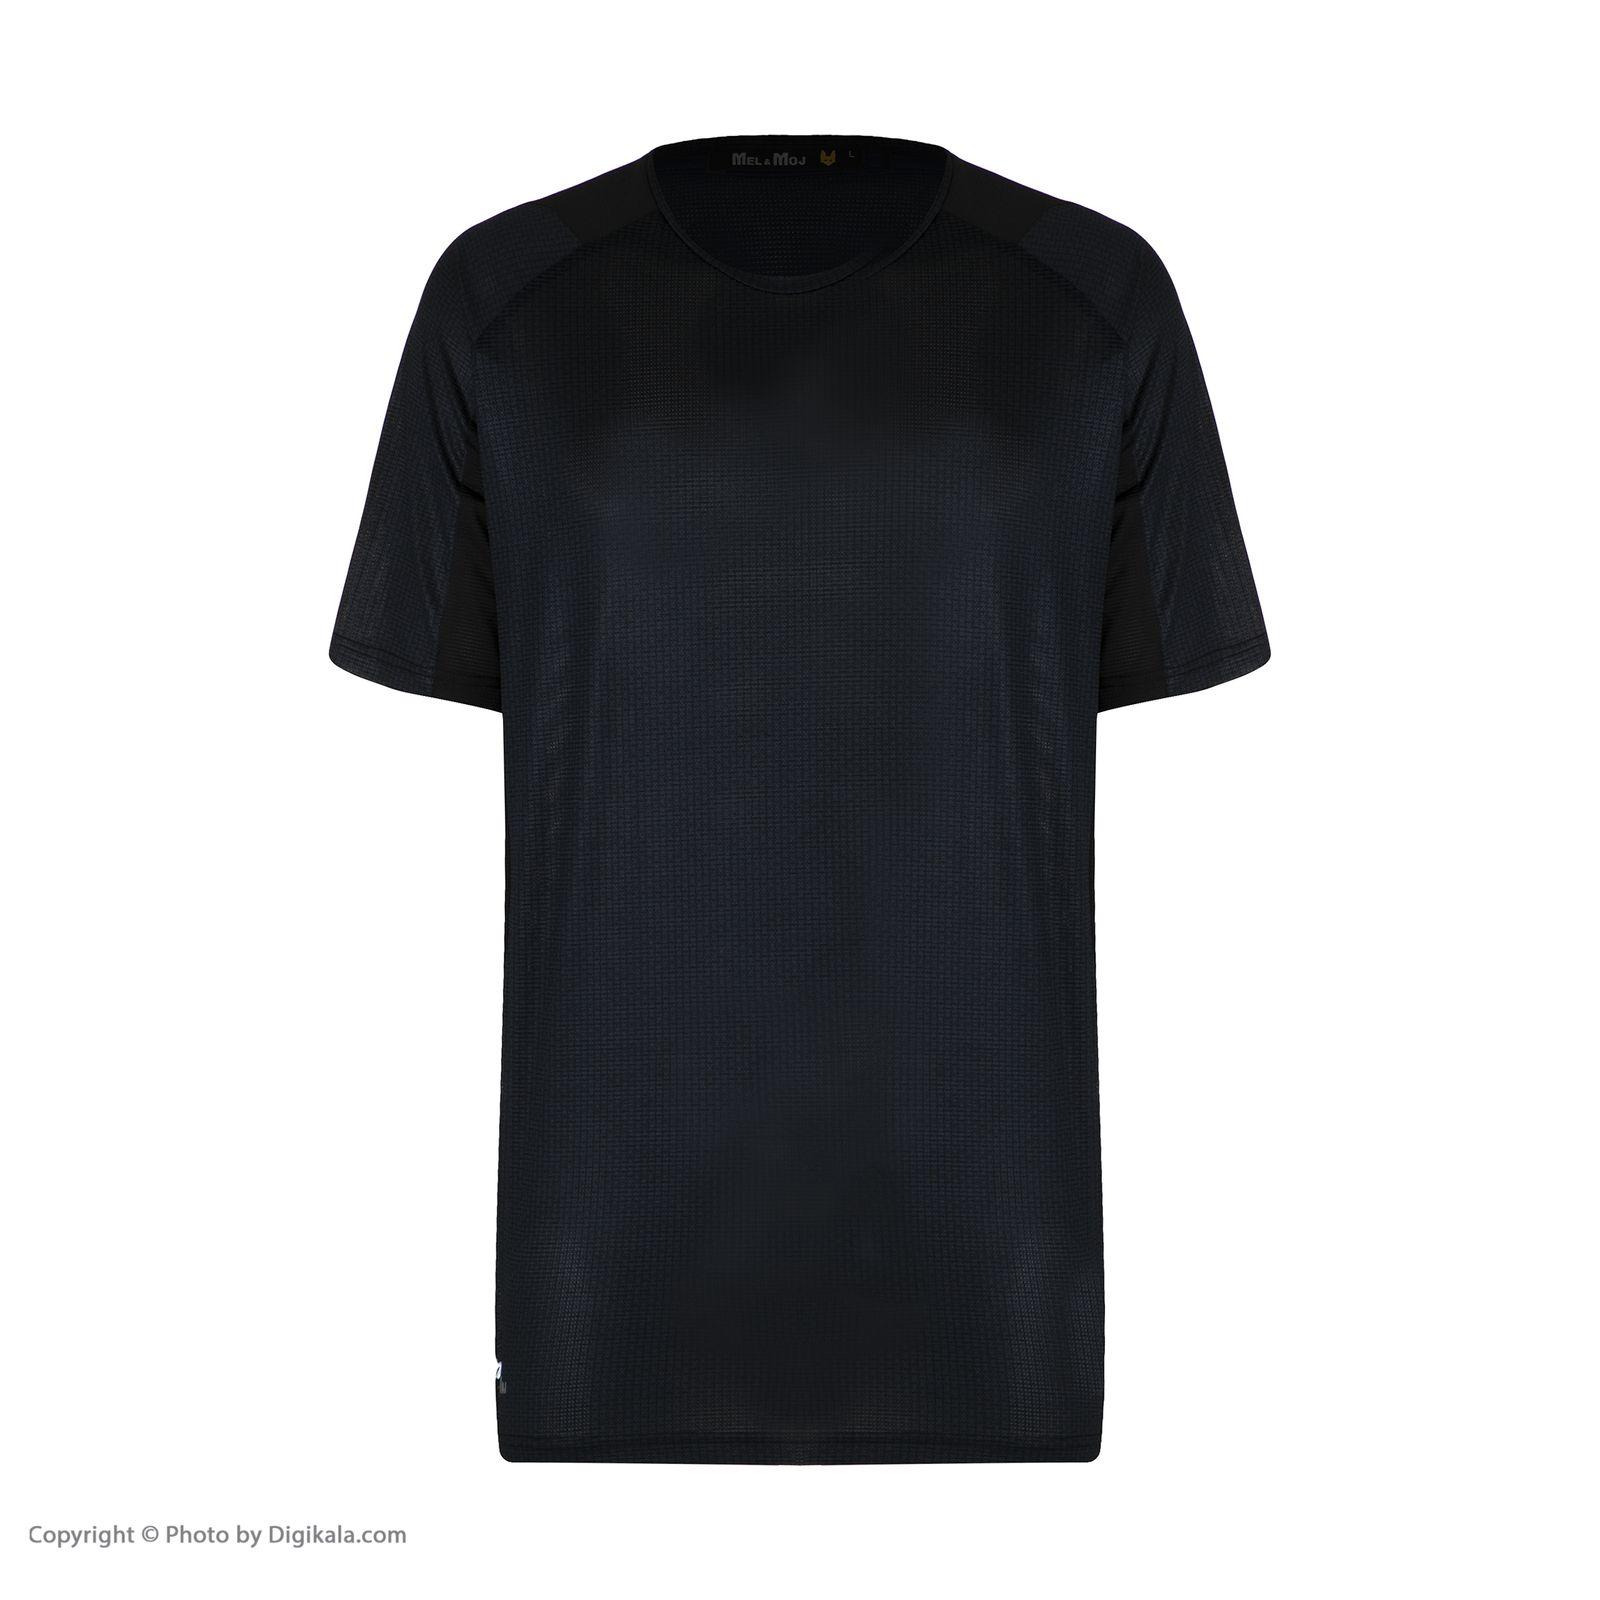 تیشرت آستین کوتاه مردانه مل اند موژ مدل KT0015-001 -  - 3